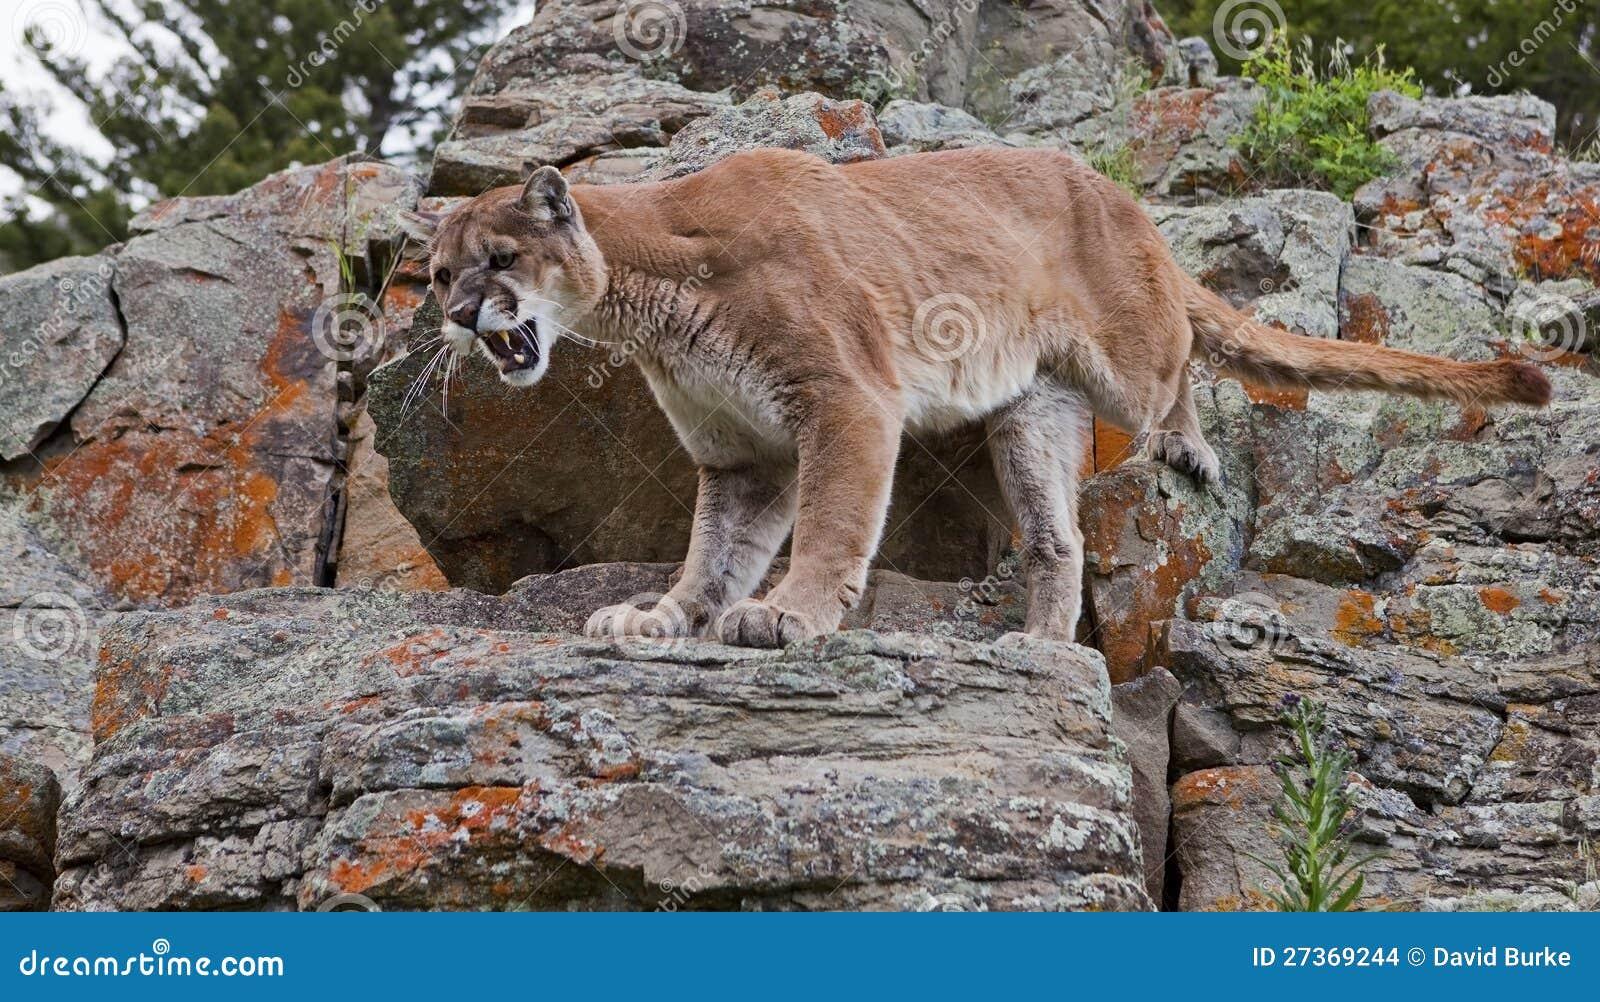 Mountain Lion Puma Concolor Stock Images - Image: 27369244